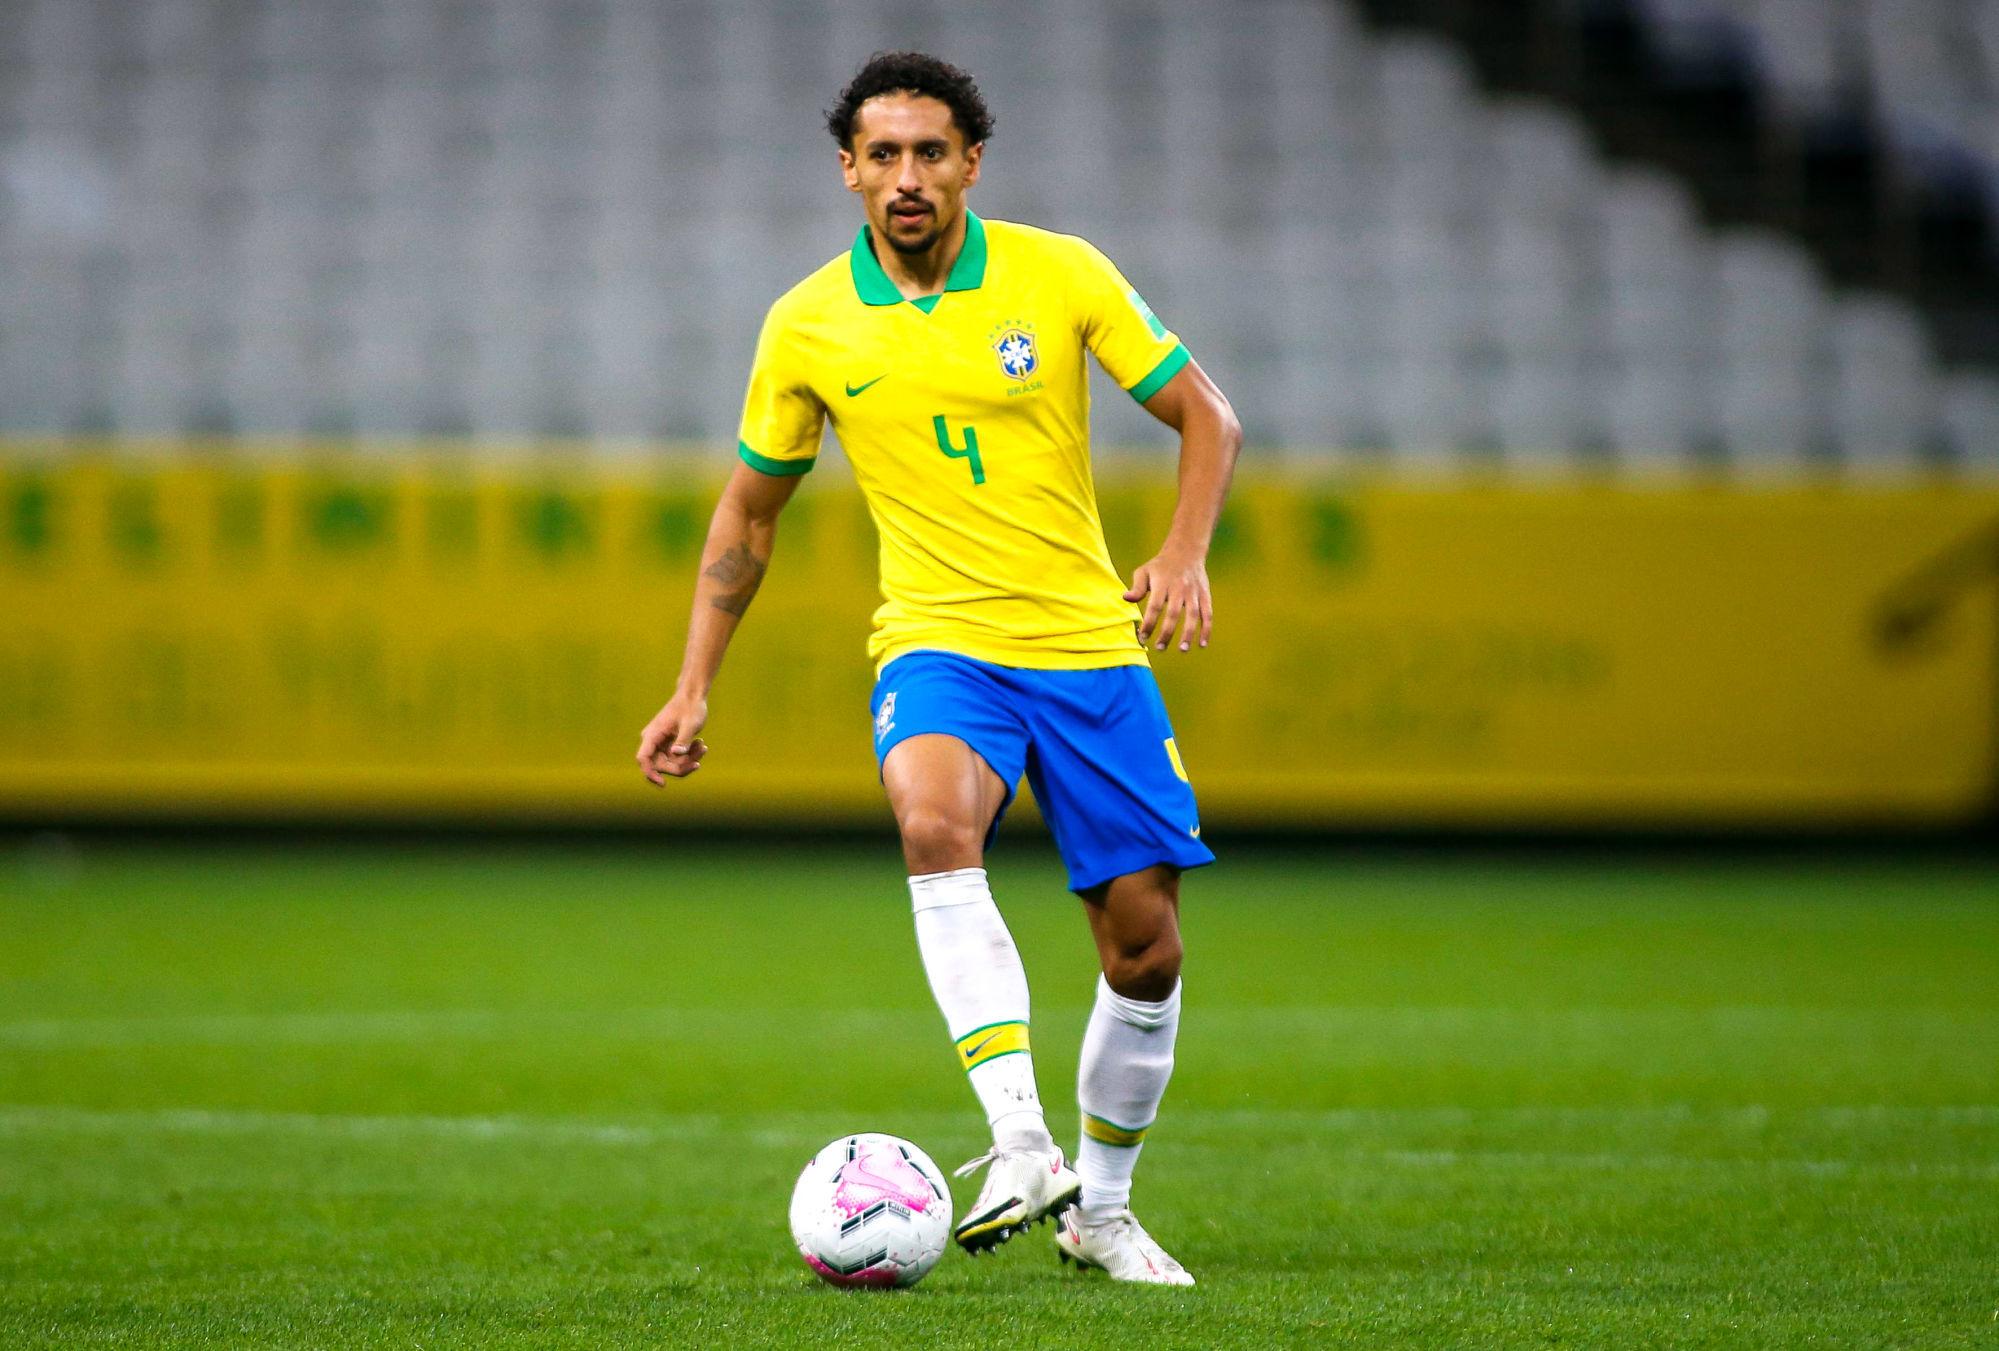 Pérou/Brésil - Neymar dépasse Ronaldo et Marquinhos sort sur blessure